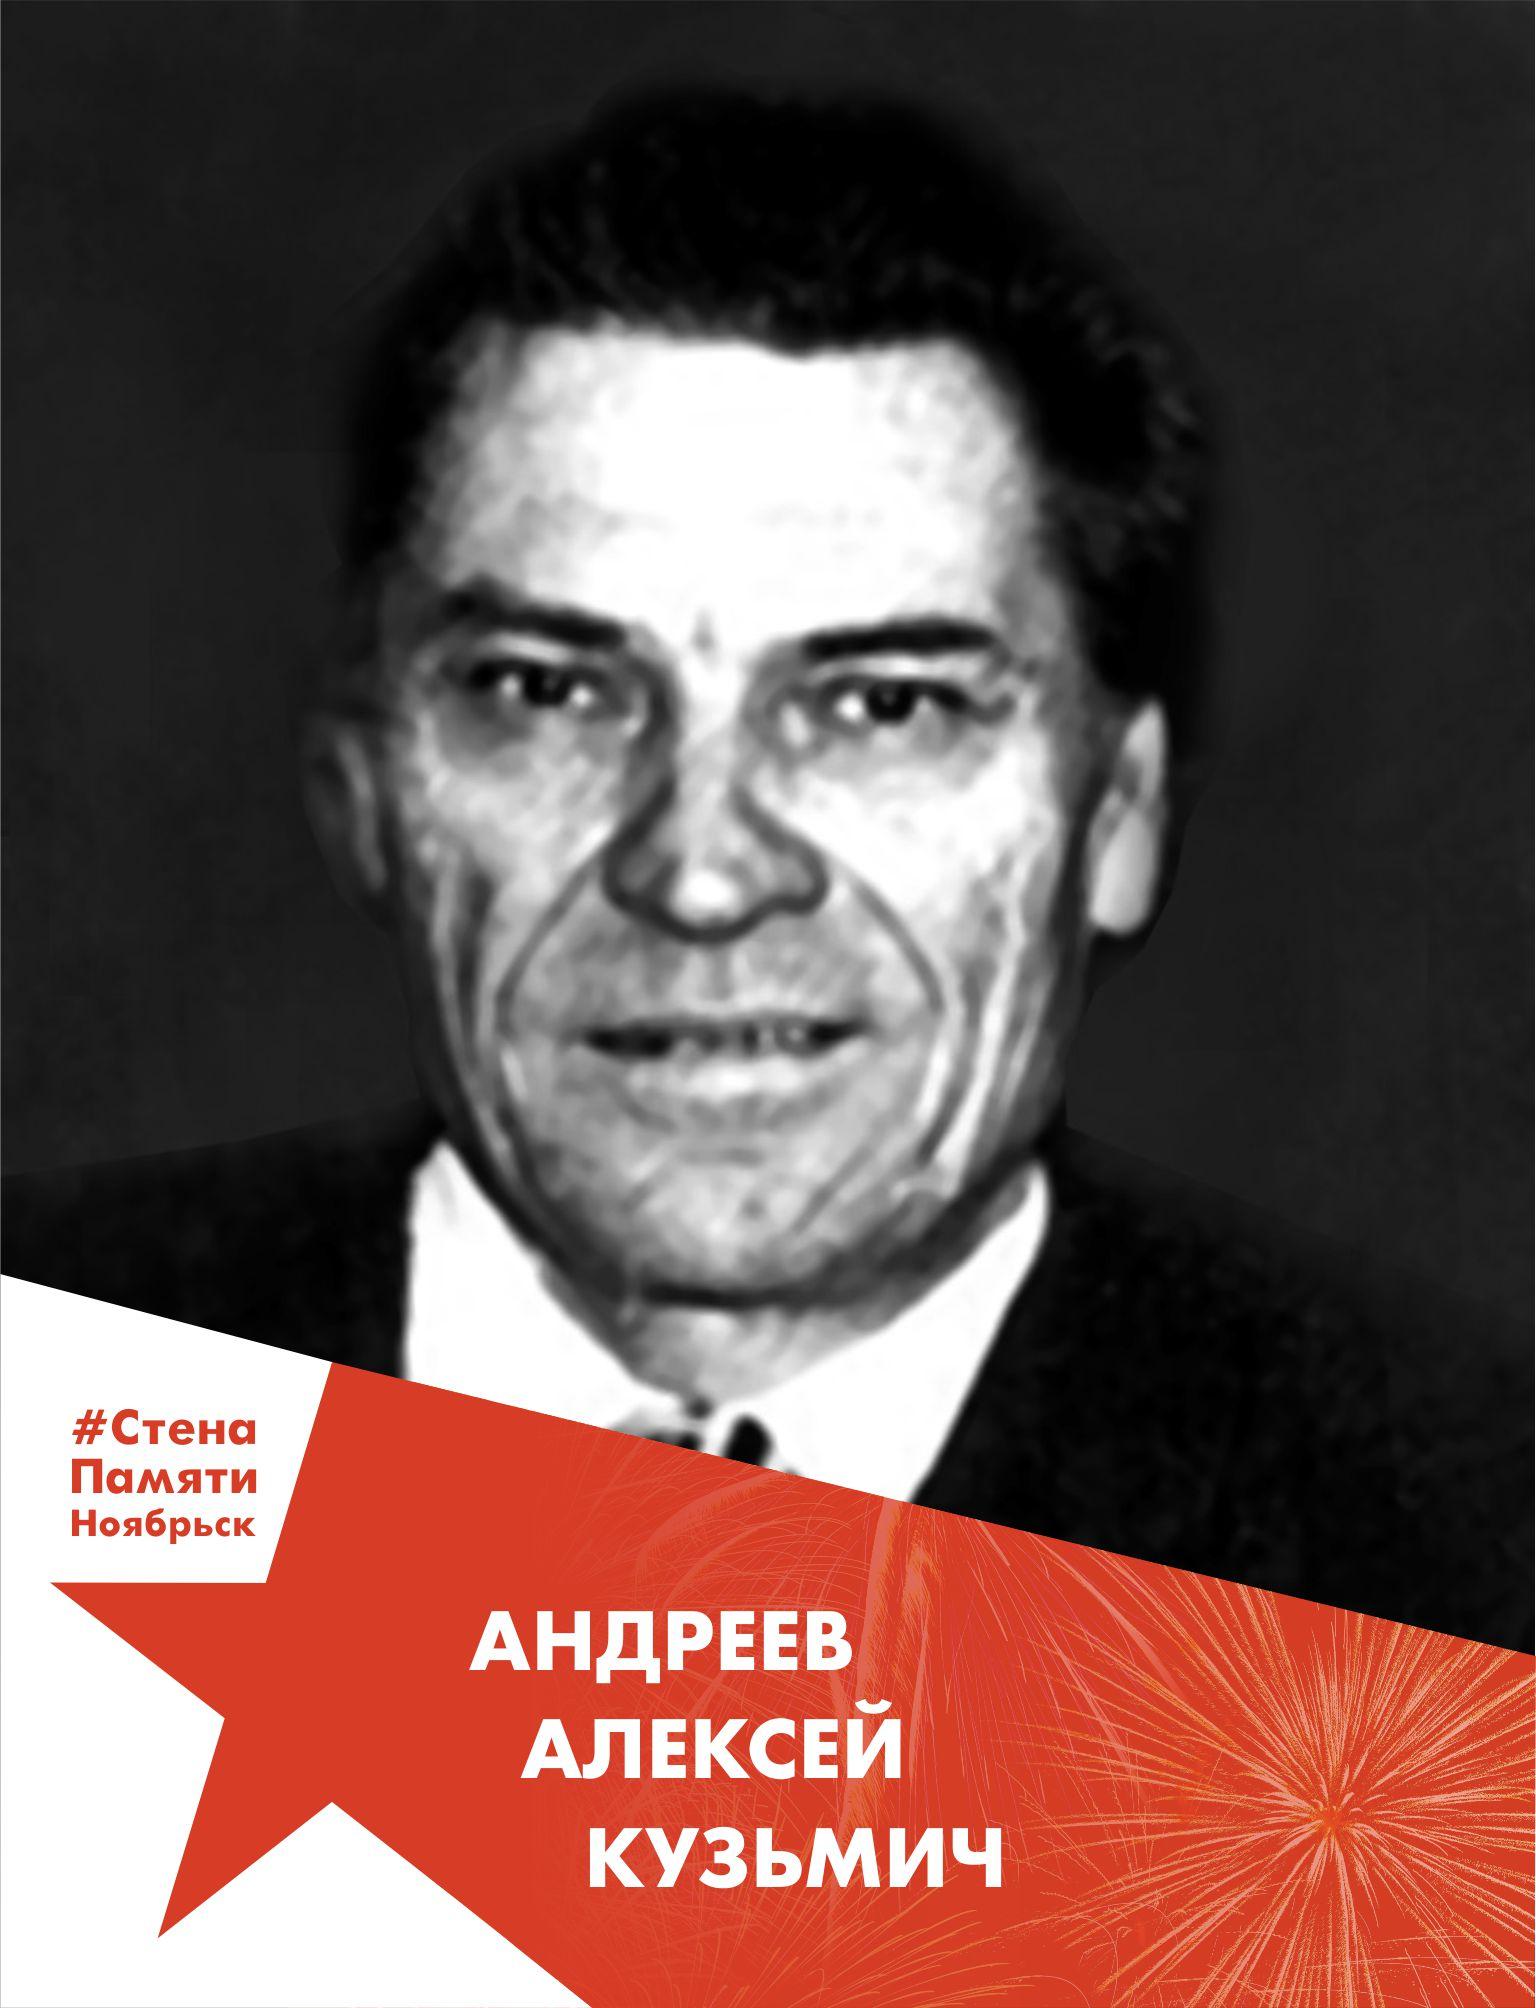 Андреев Алексей Кузьмич